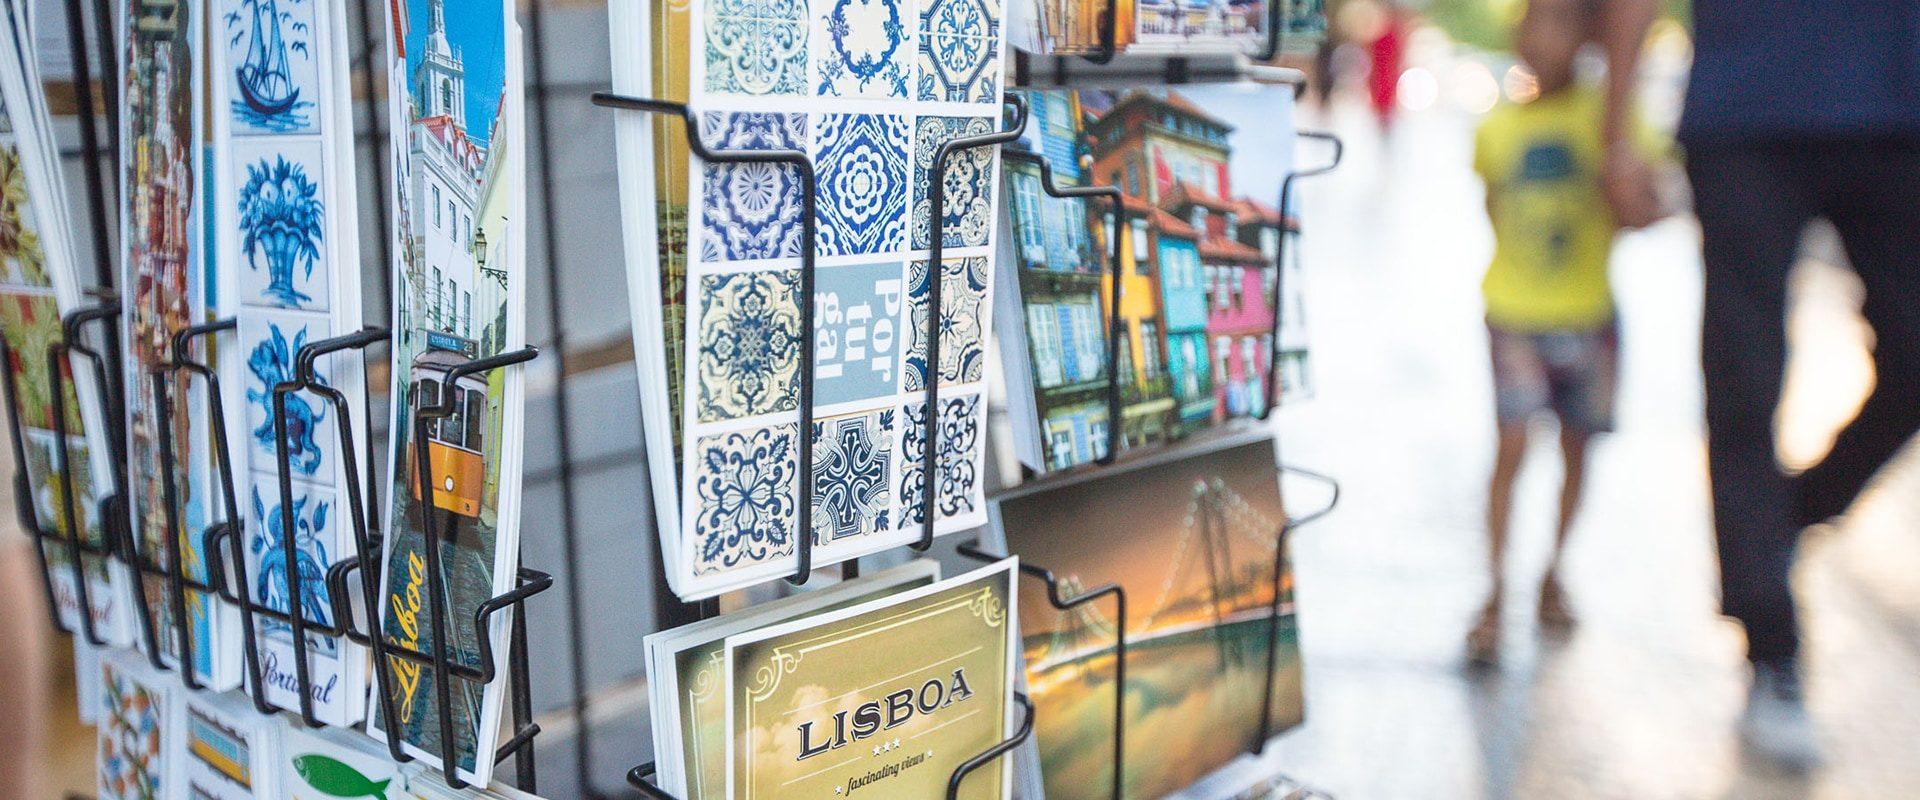 Vendeur De Cartes Postales Au Pied De L'elevador Santa Justa Dans Le Quartier Chiado à Lisbonne Au Portugal